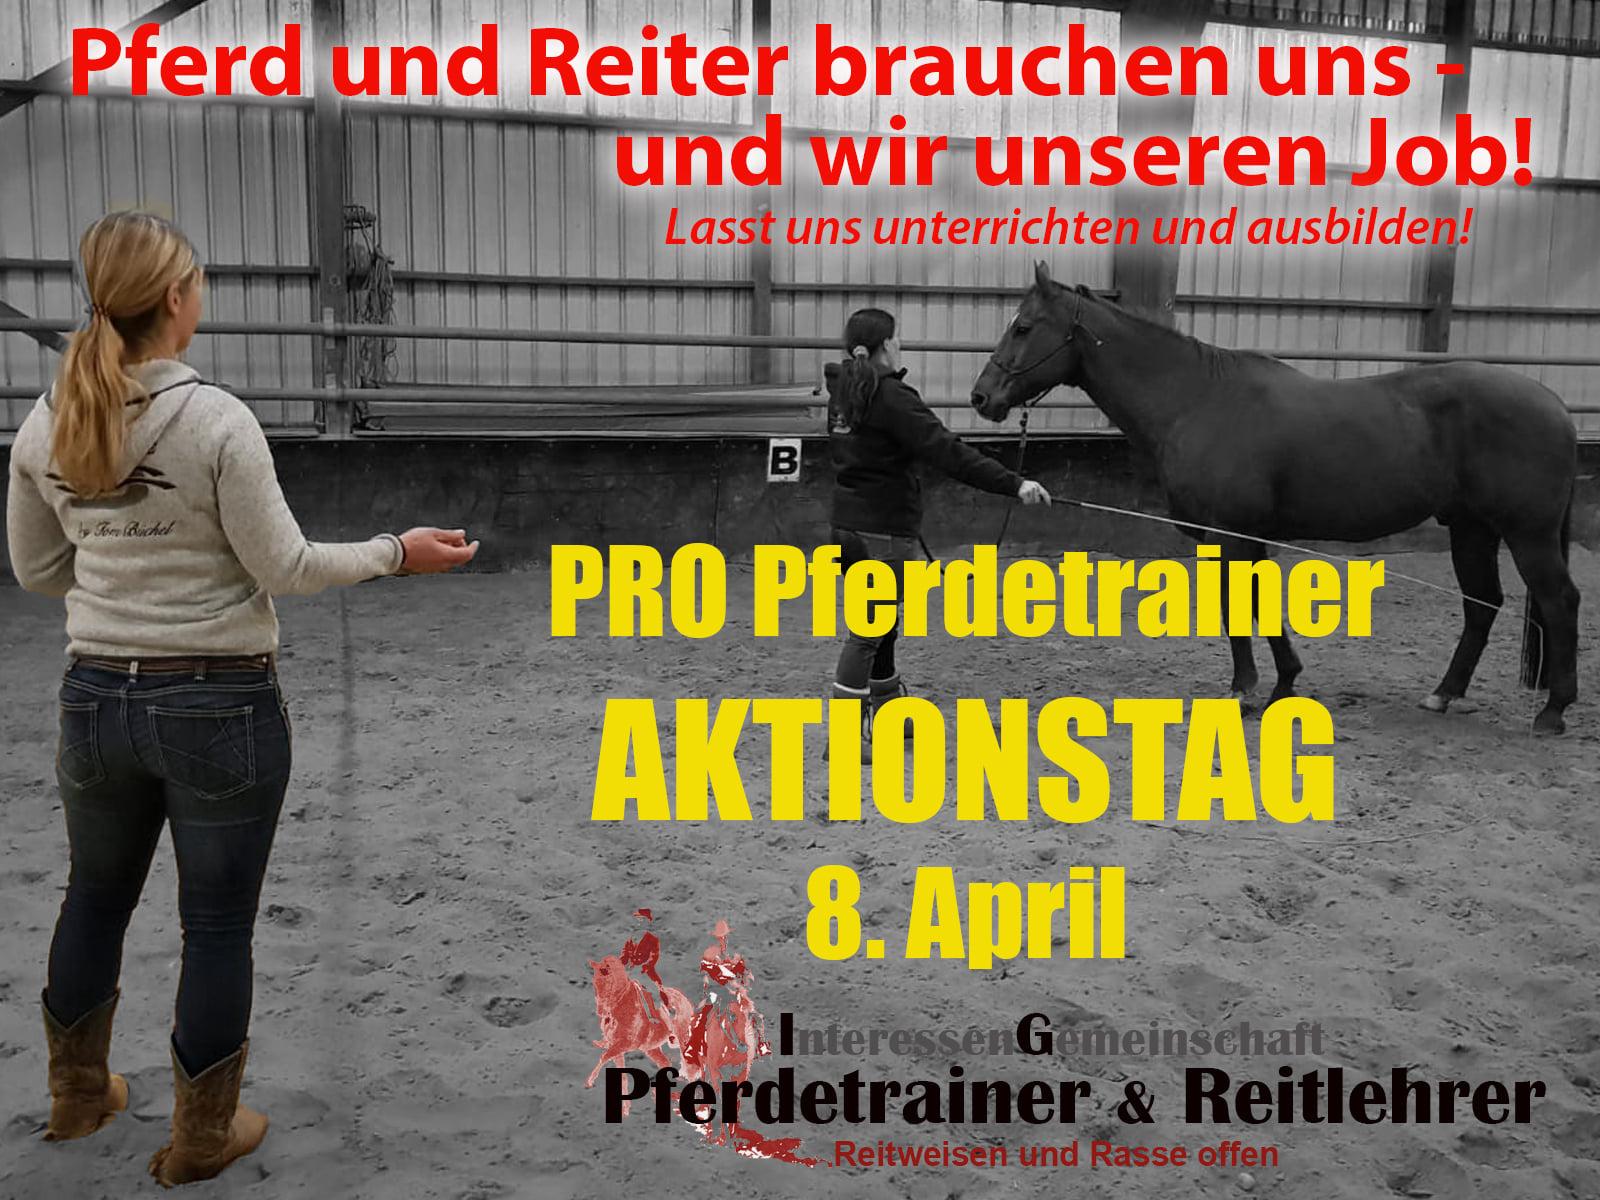 #AktionstagPferdetrainer am 08.04.2021